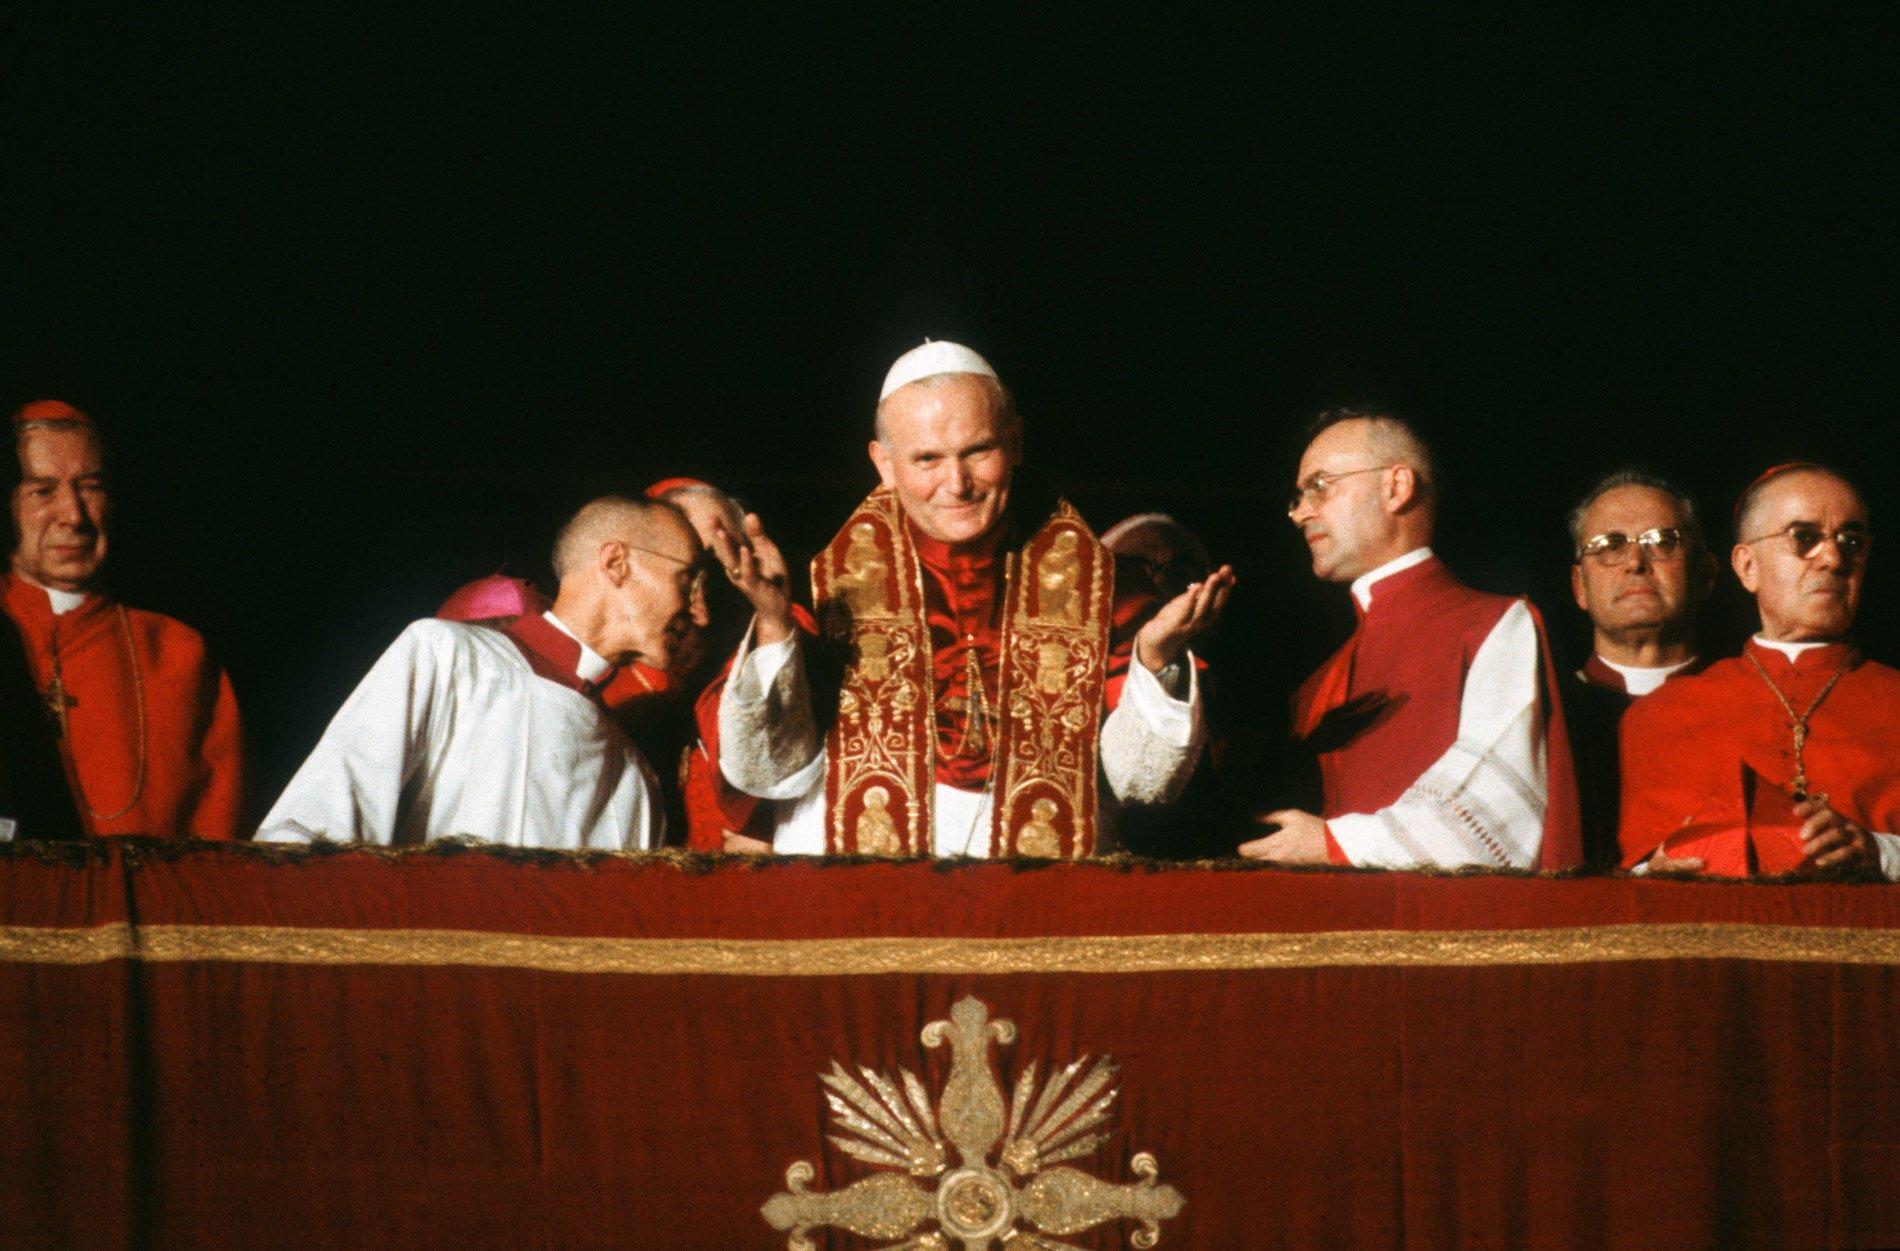 pope john paul II ecclesia de eucharistia eucharist